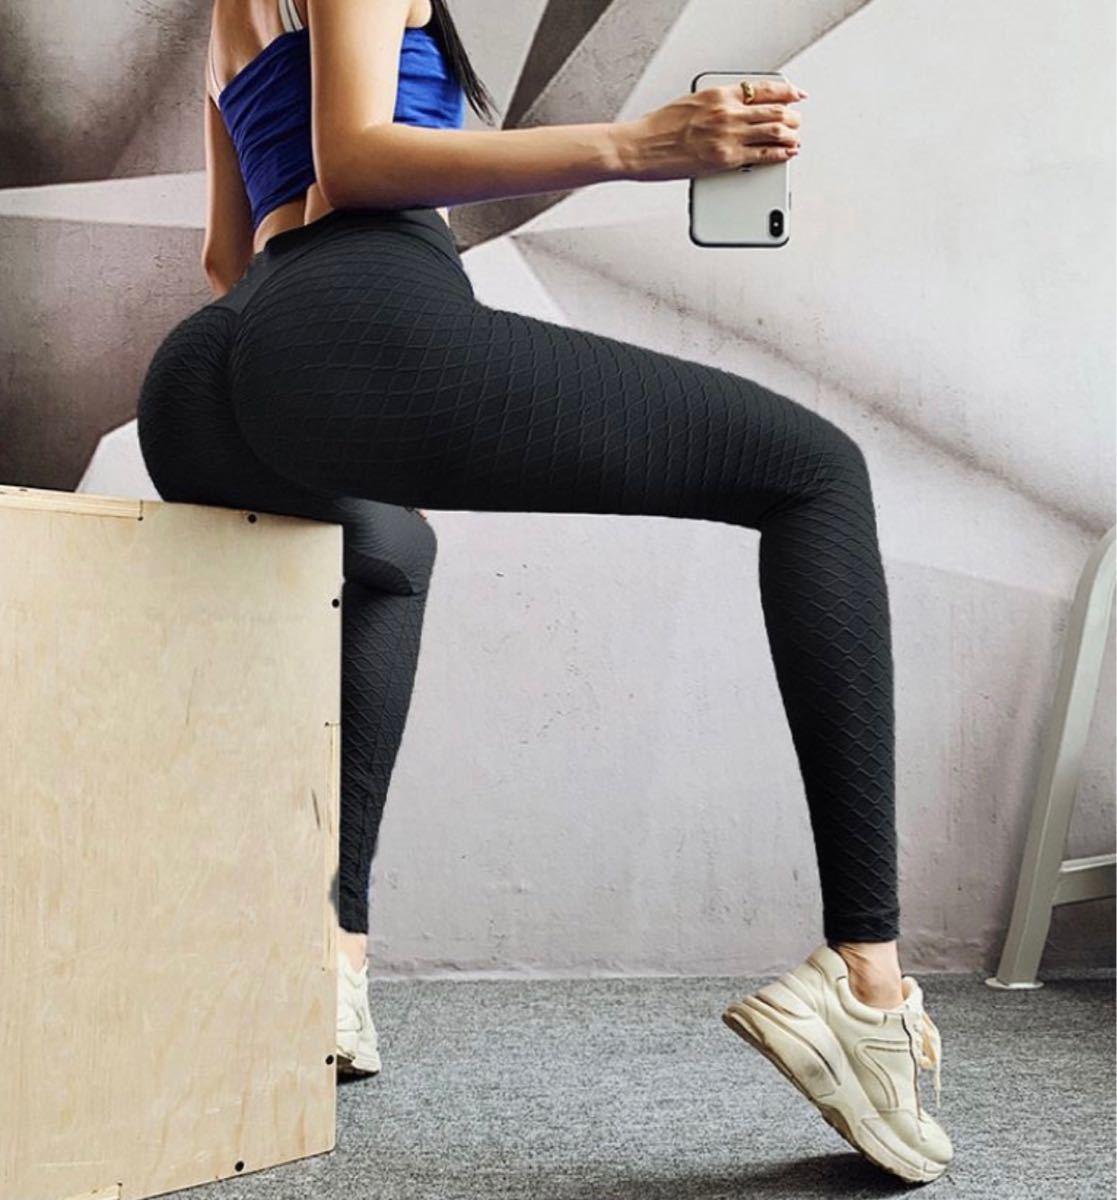 スパッツ ヨガパンツ レギンス ピンク 夏 伸縮性あり M スポーツ レディース セクシー ヨガウェア トレーニング 美尻 美脚